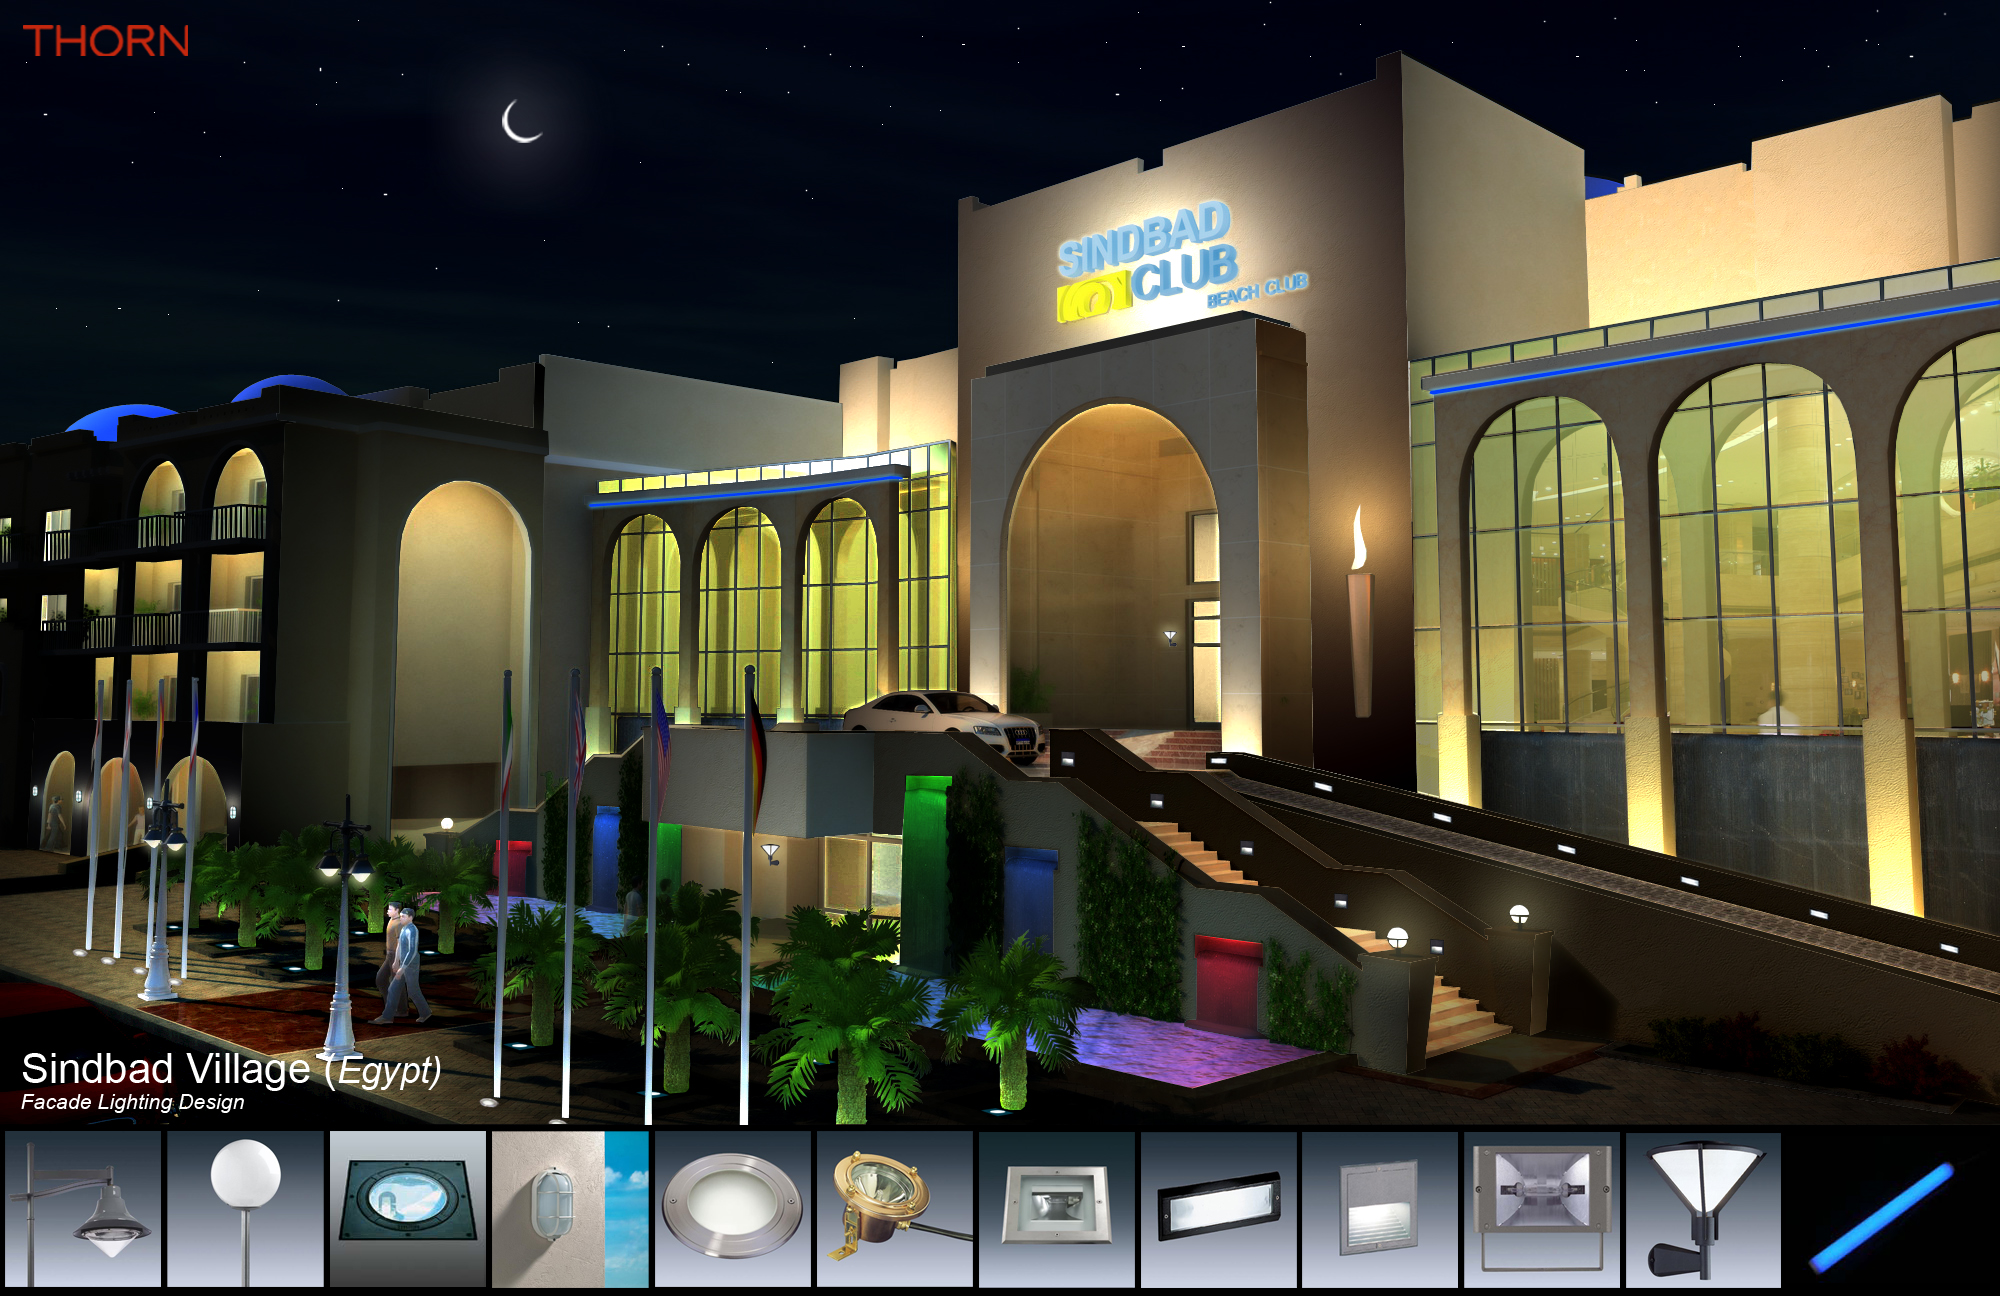 Sinbad Hotel Resort Facade Lighting